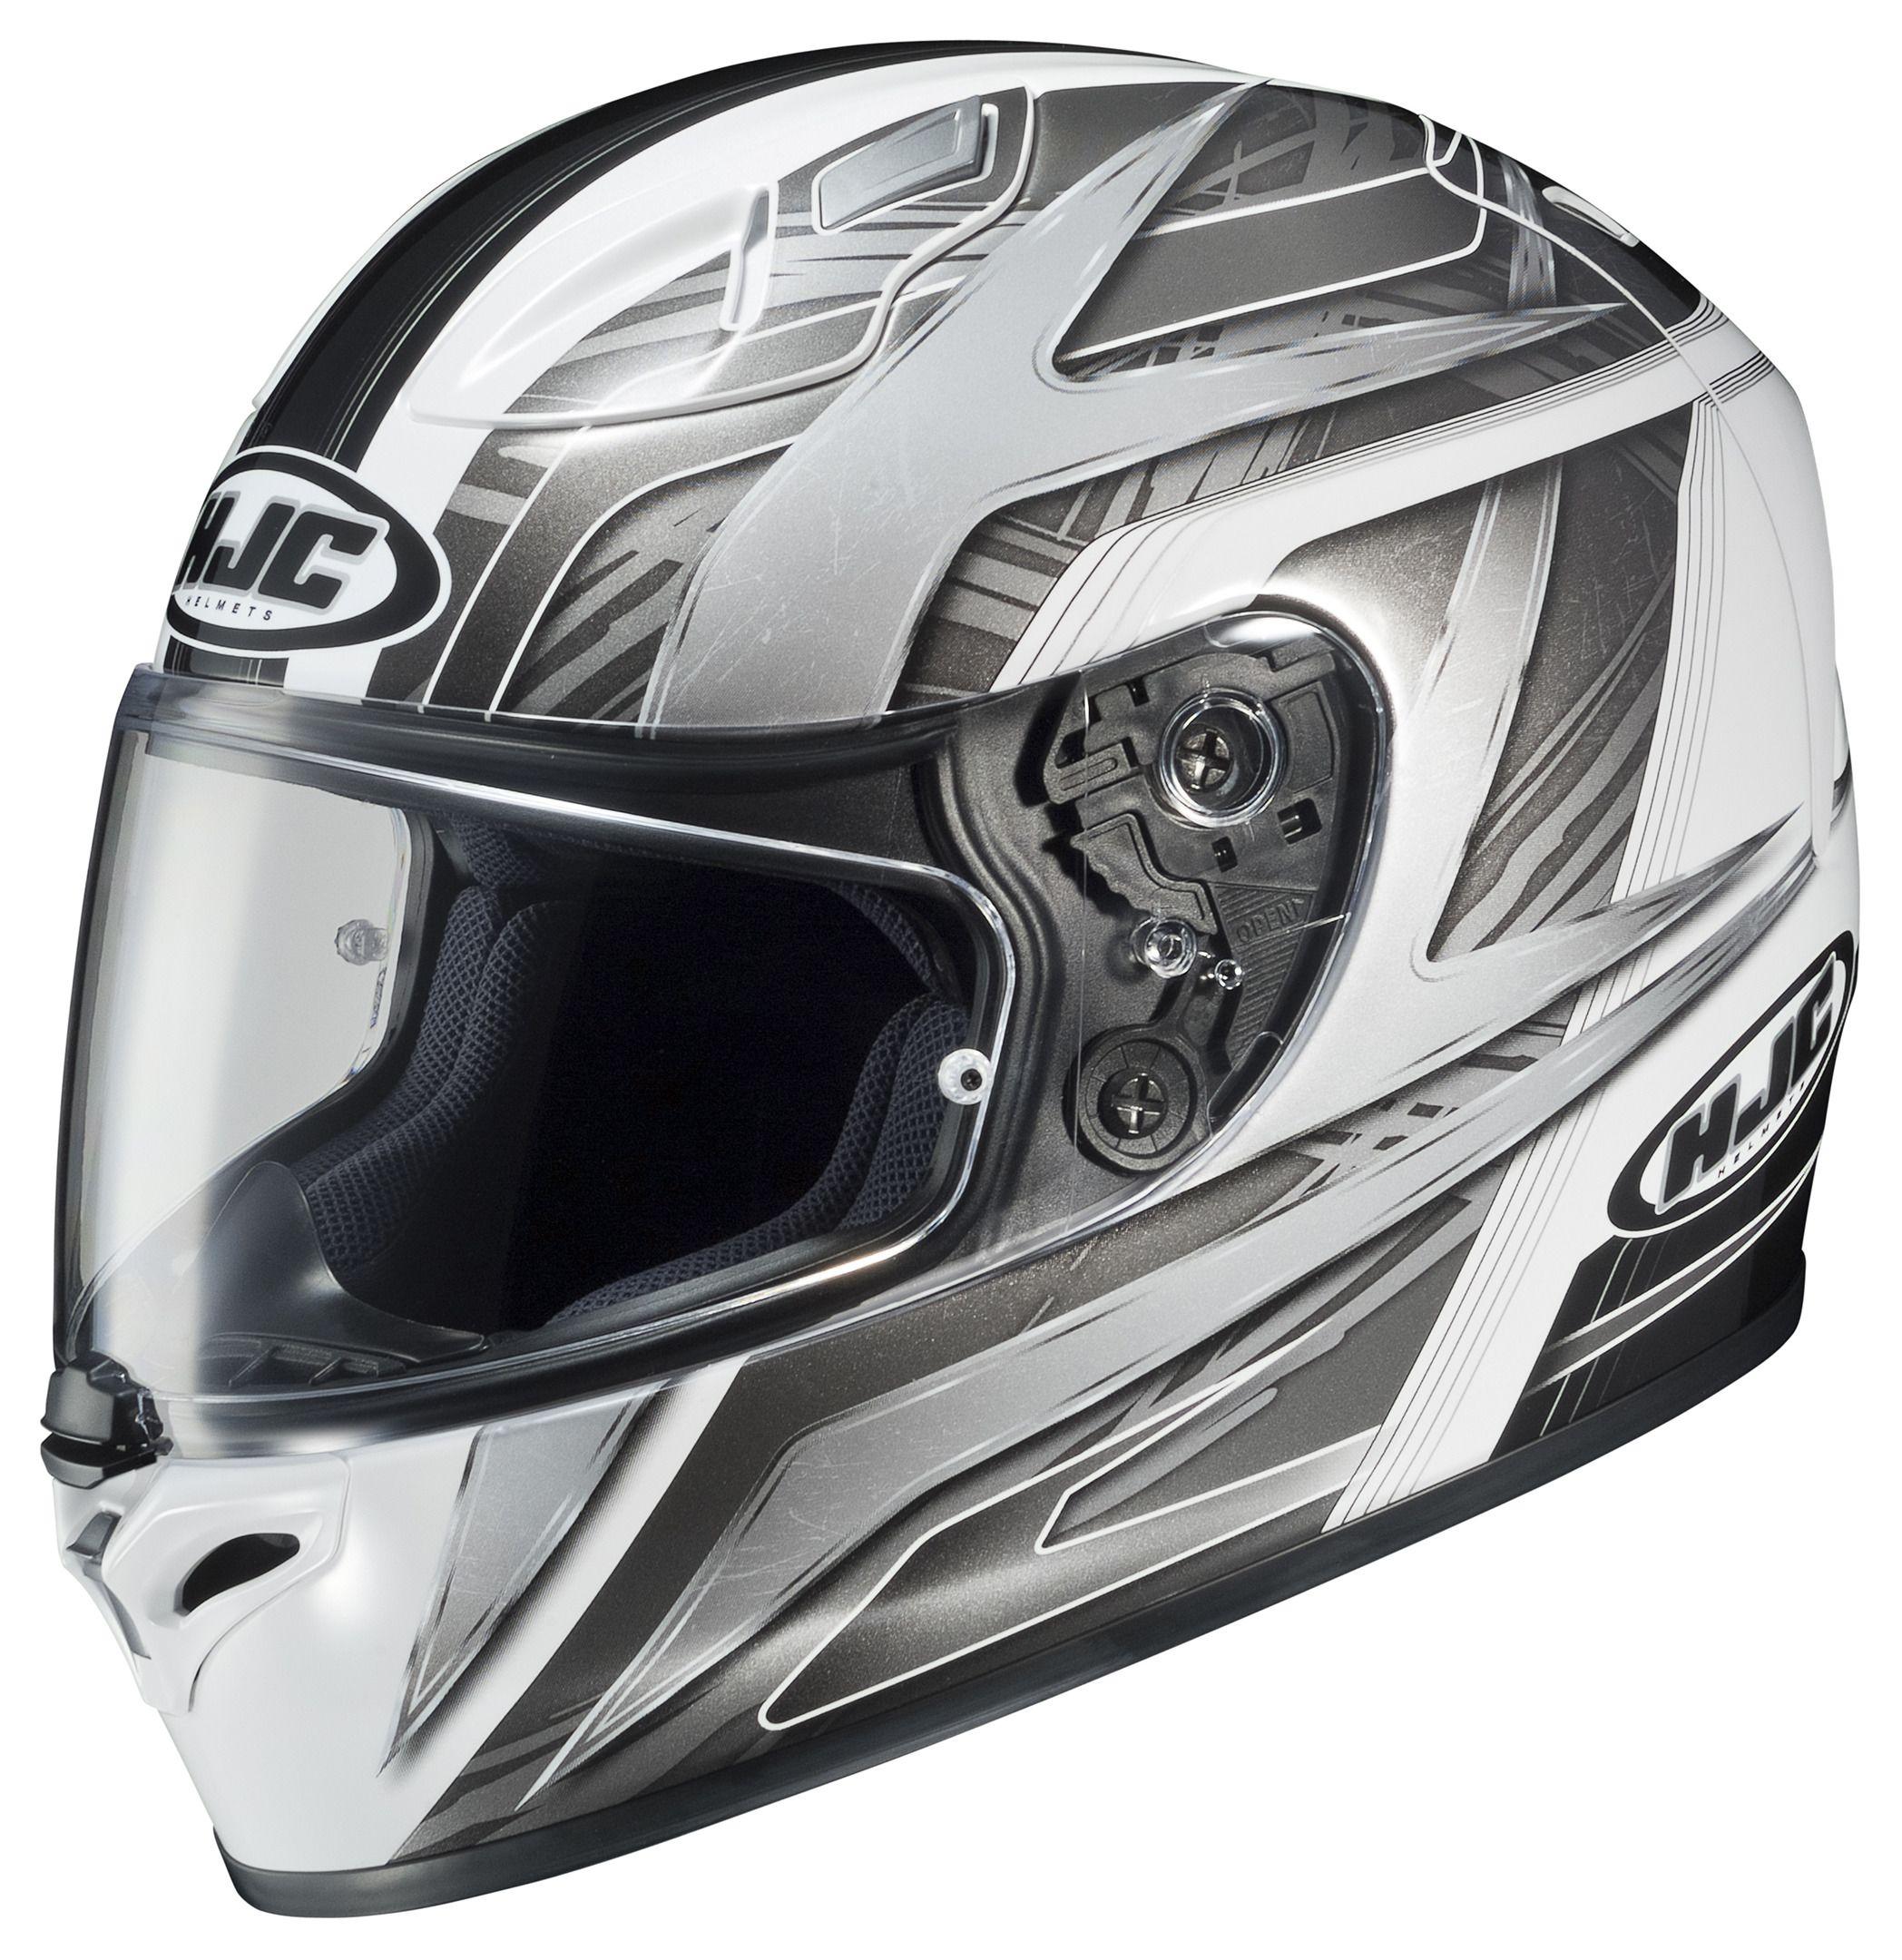 Hjc Fg 17 >> HJC FG-17 Ace Helmet - RevZilla